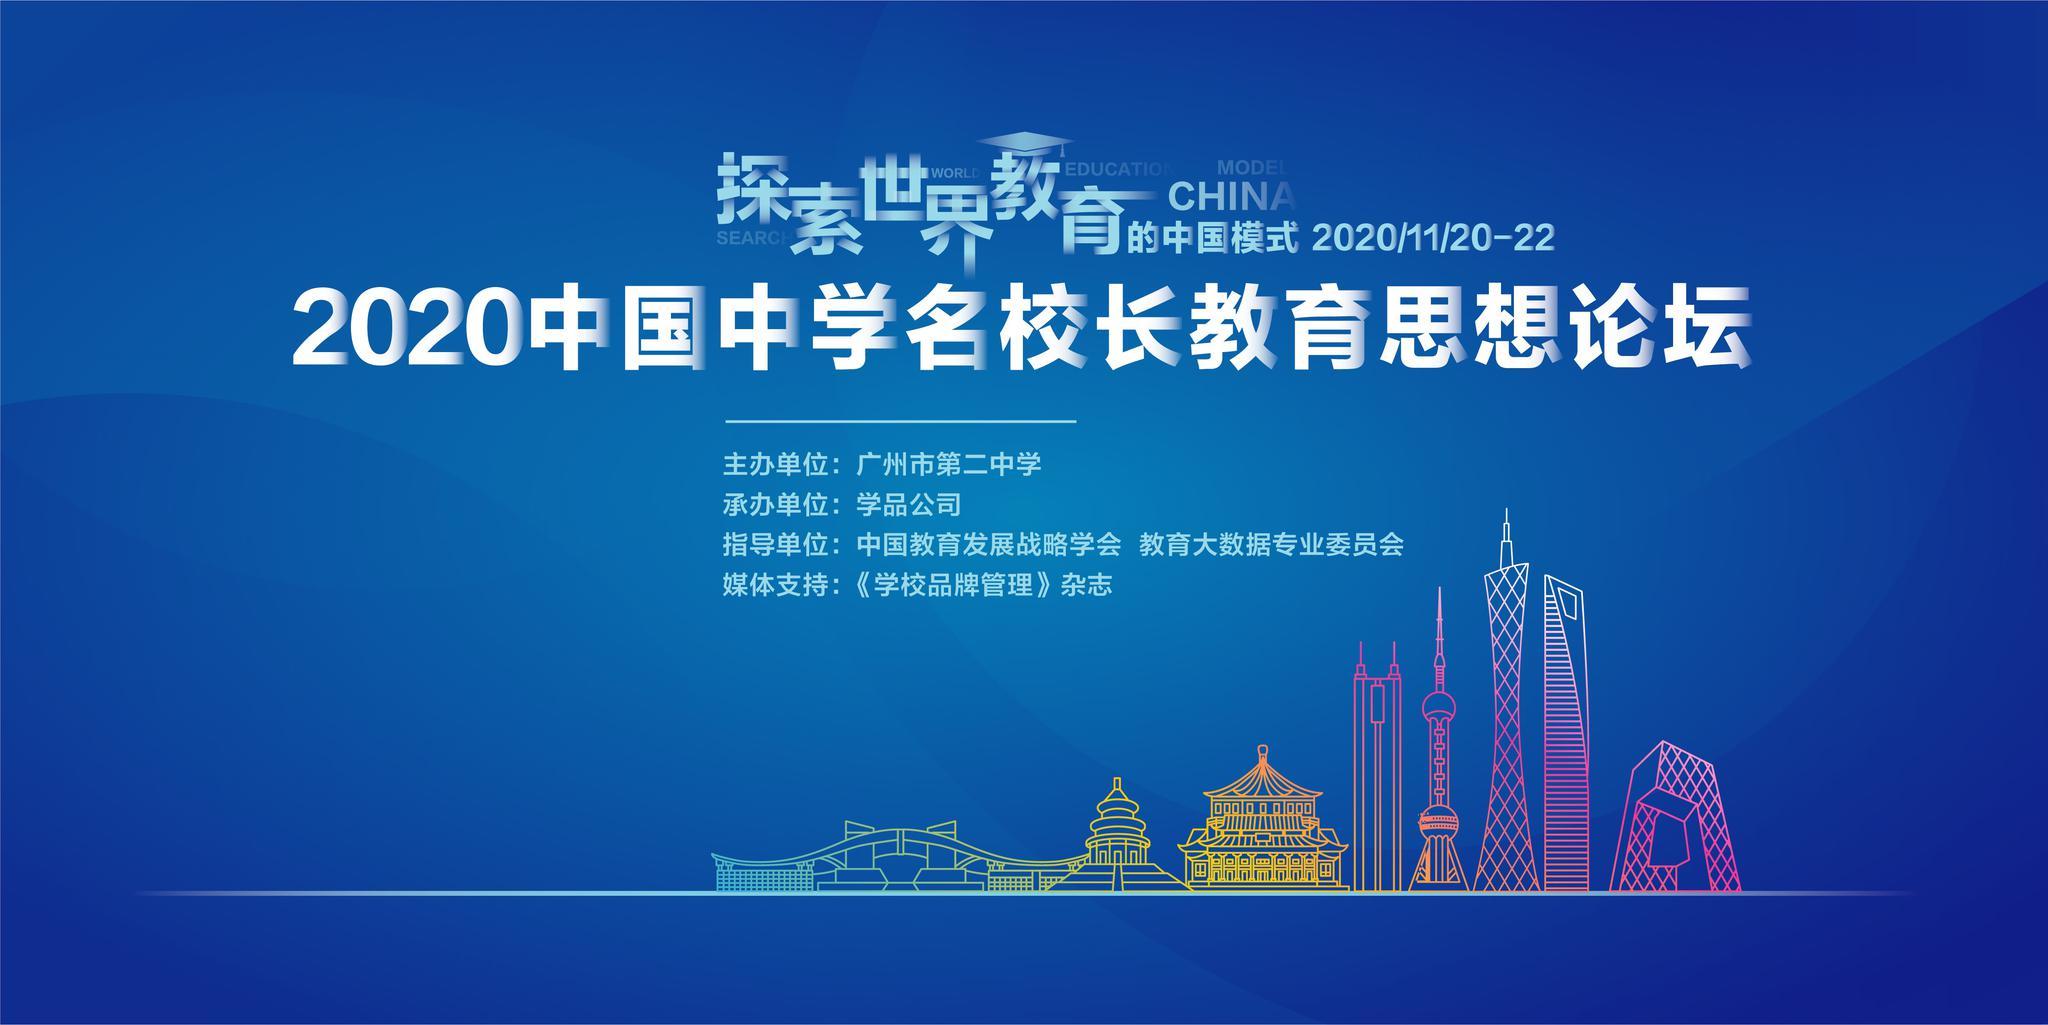 2020中国中学名校长教育思想论坛将于广州二中举办